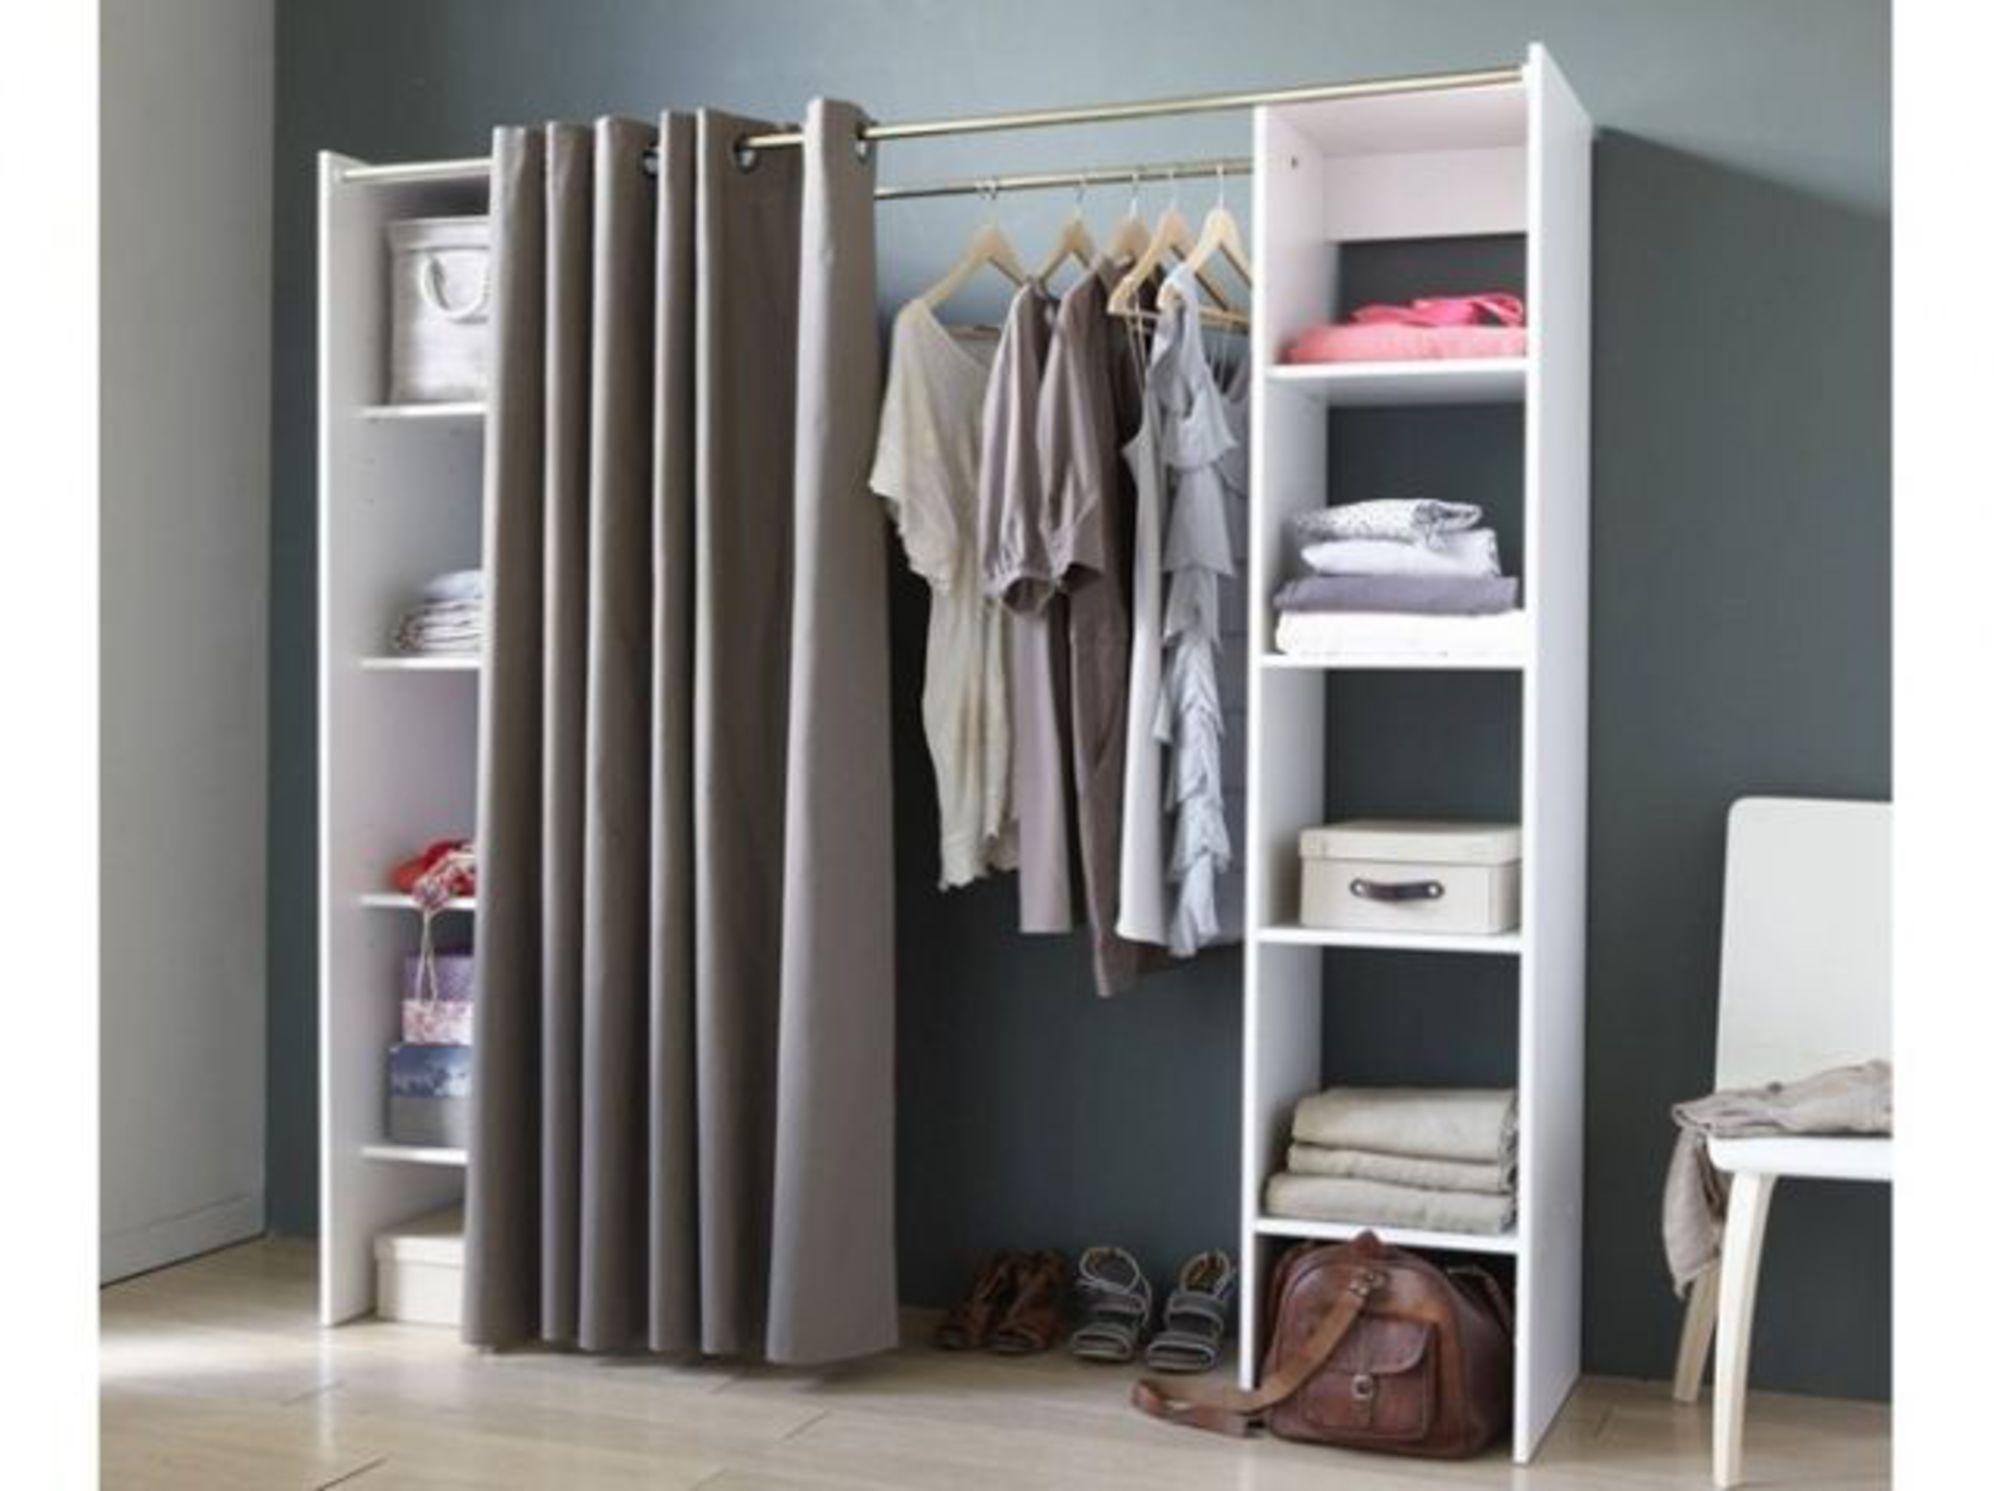 Dressing pas cher et tendance | Rangement maison, Penderie, Amenagement dressing